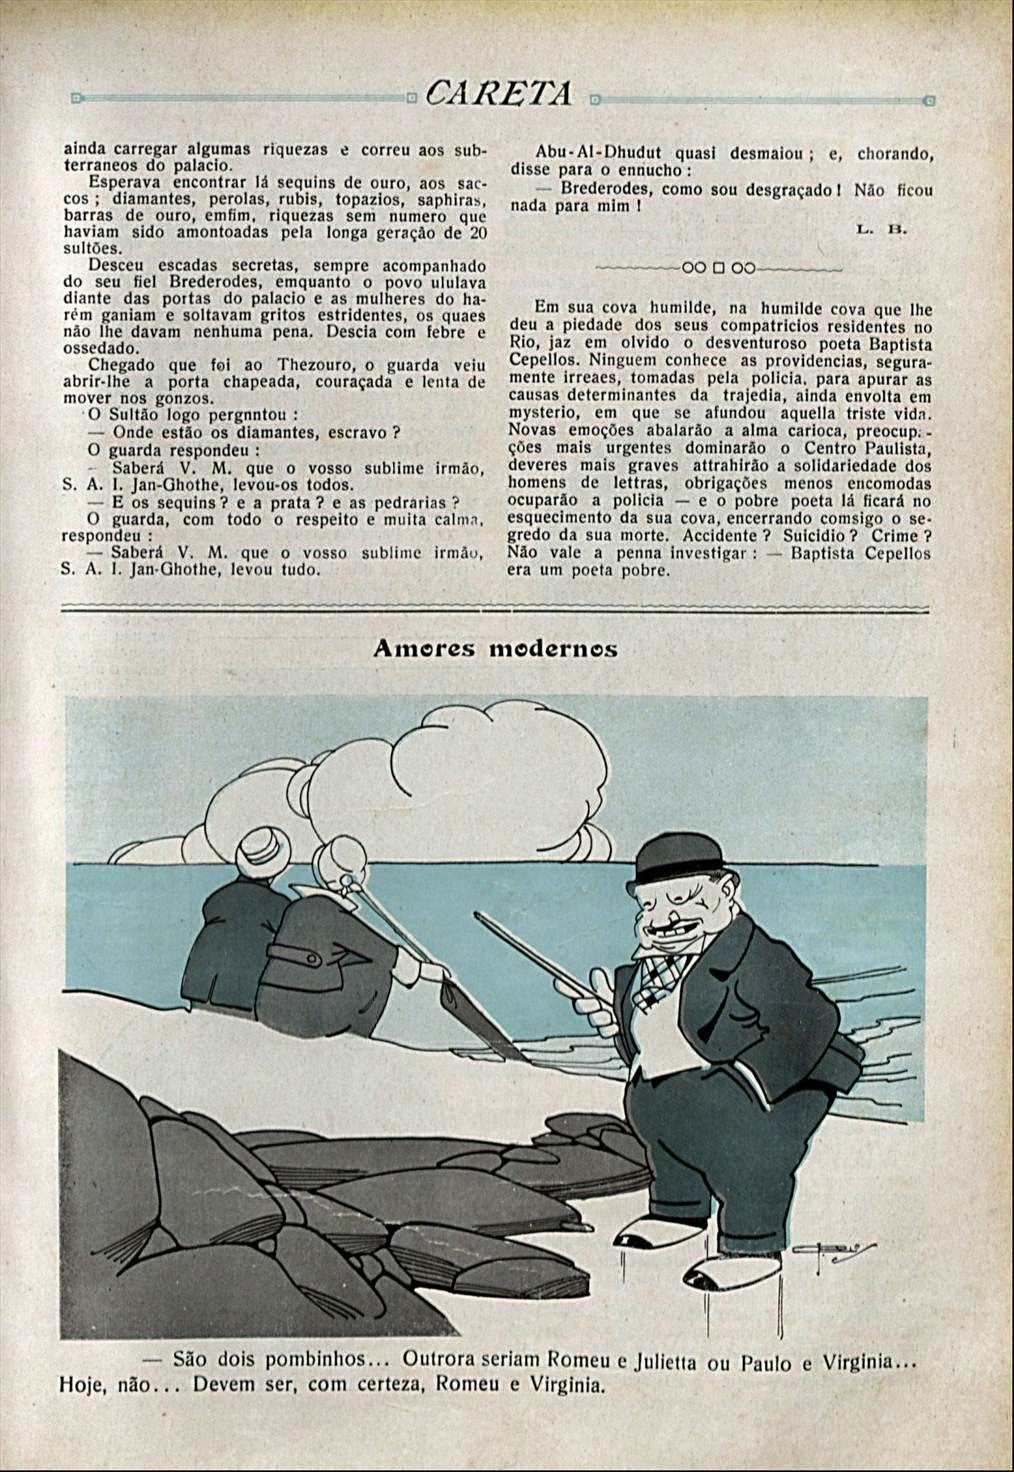 conto de Lima Barreto em Careta 1914 - parte II